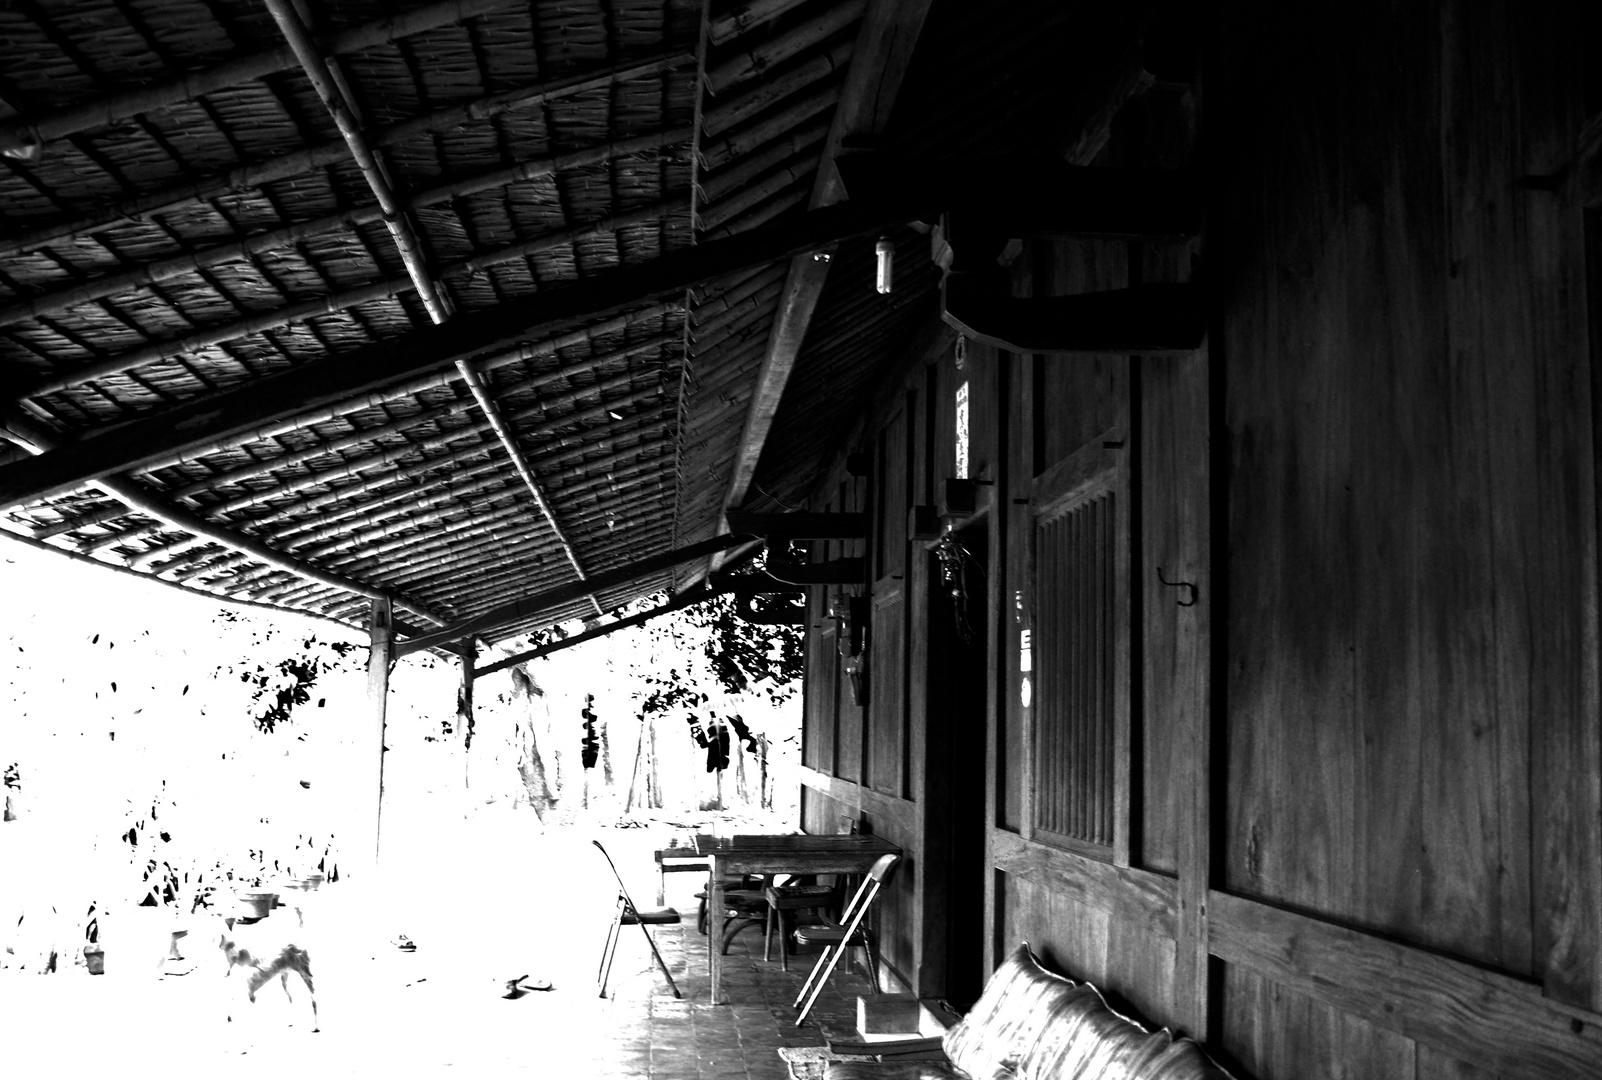 Rumah Kebaya, house of kebaya